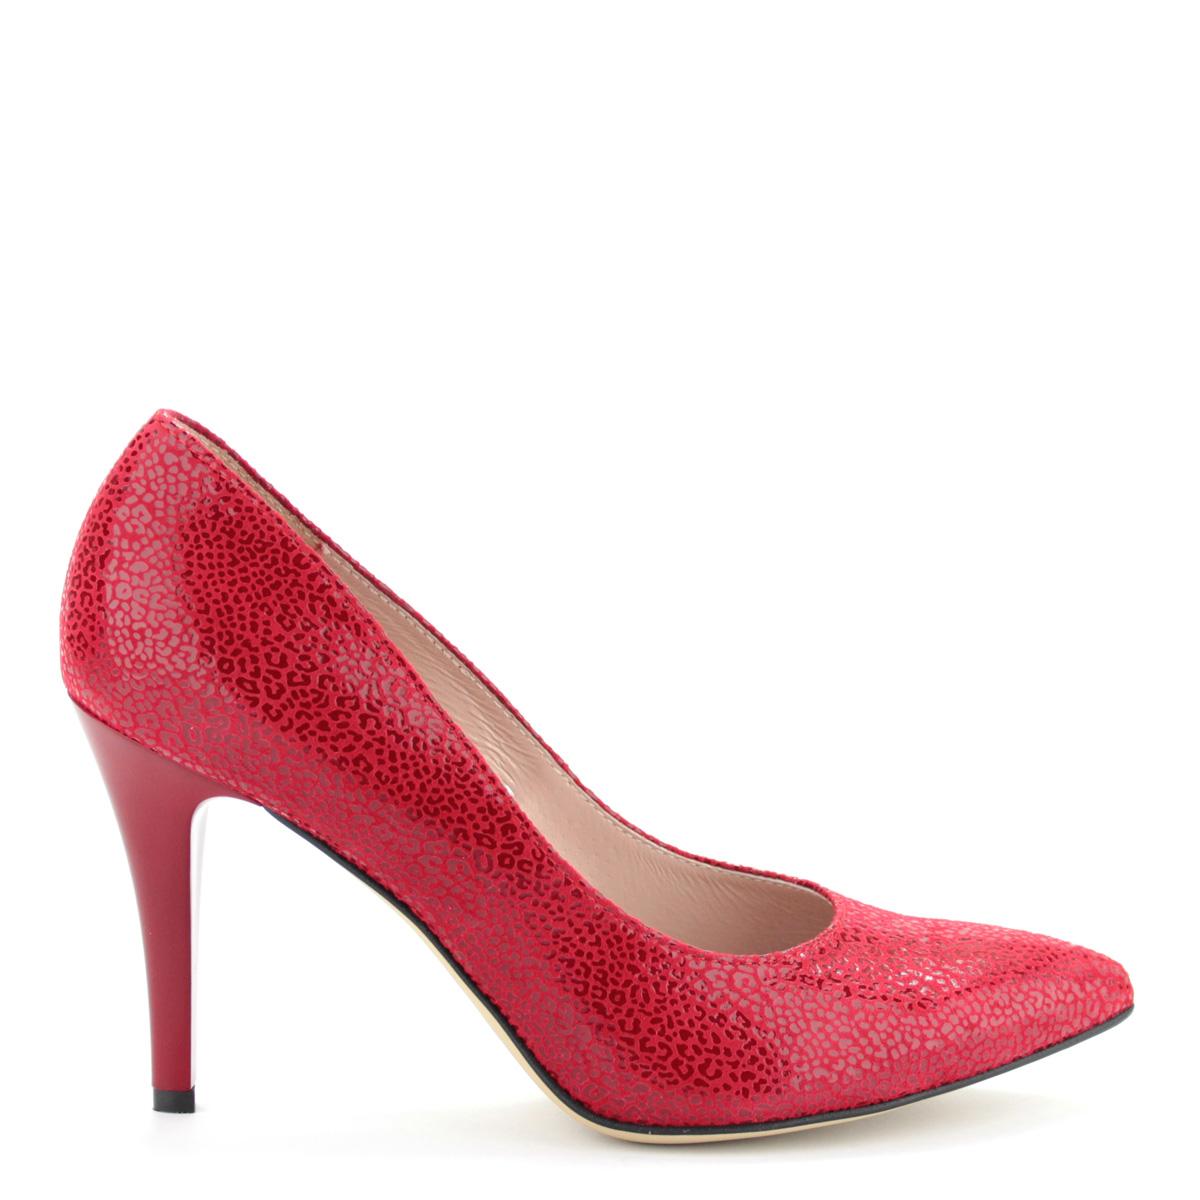 c49481d399 ... Anis alkalmi cipő piros színben 9 cm magas sarokkal, hegyes orral,  különleges texturált felületű ...